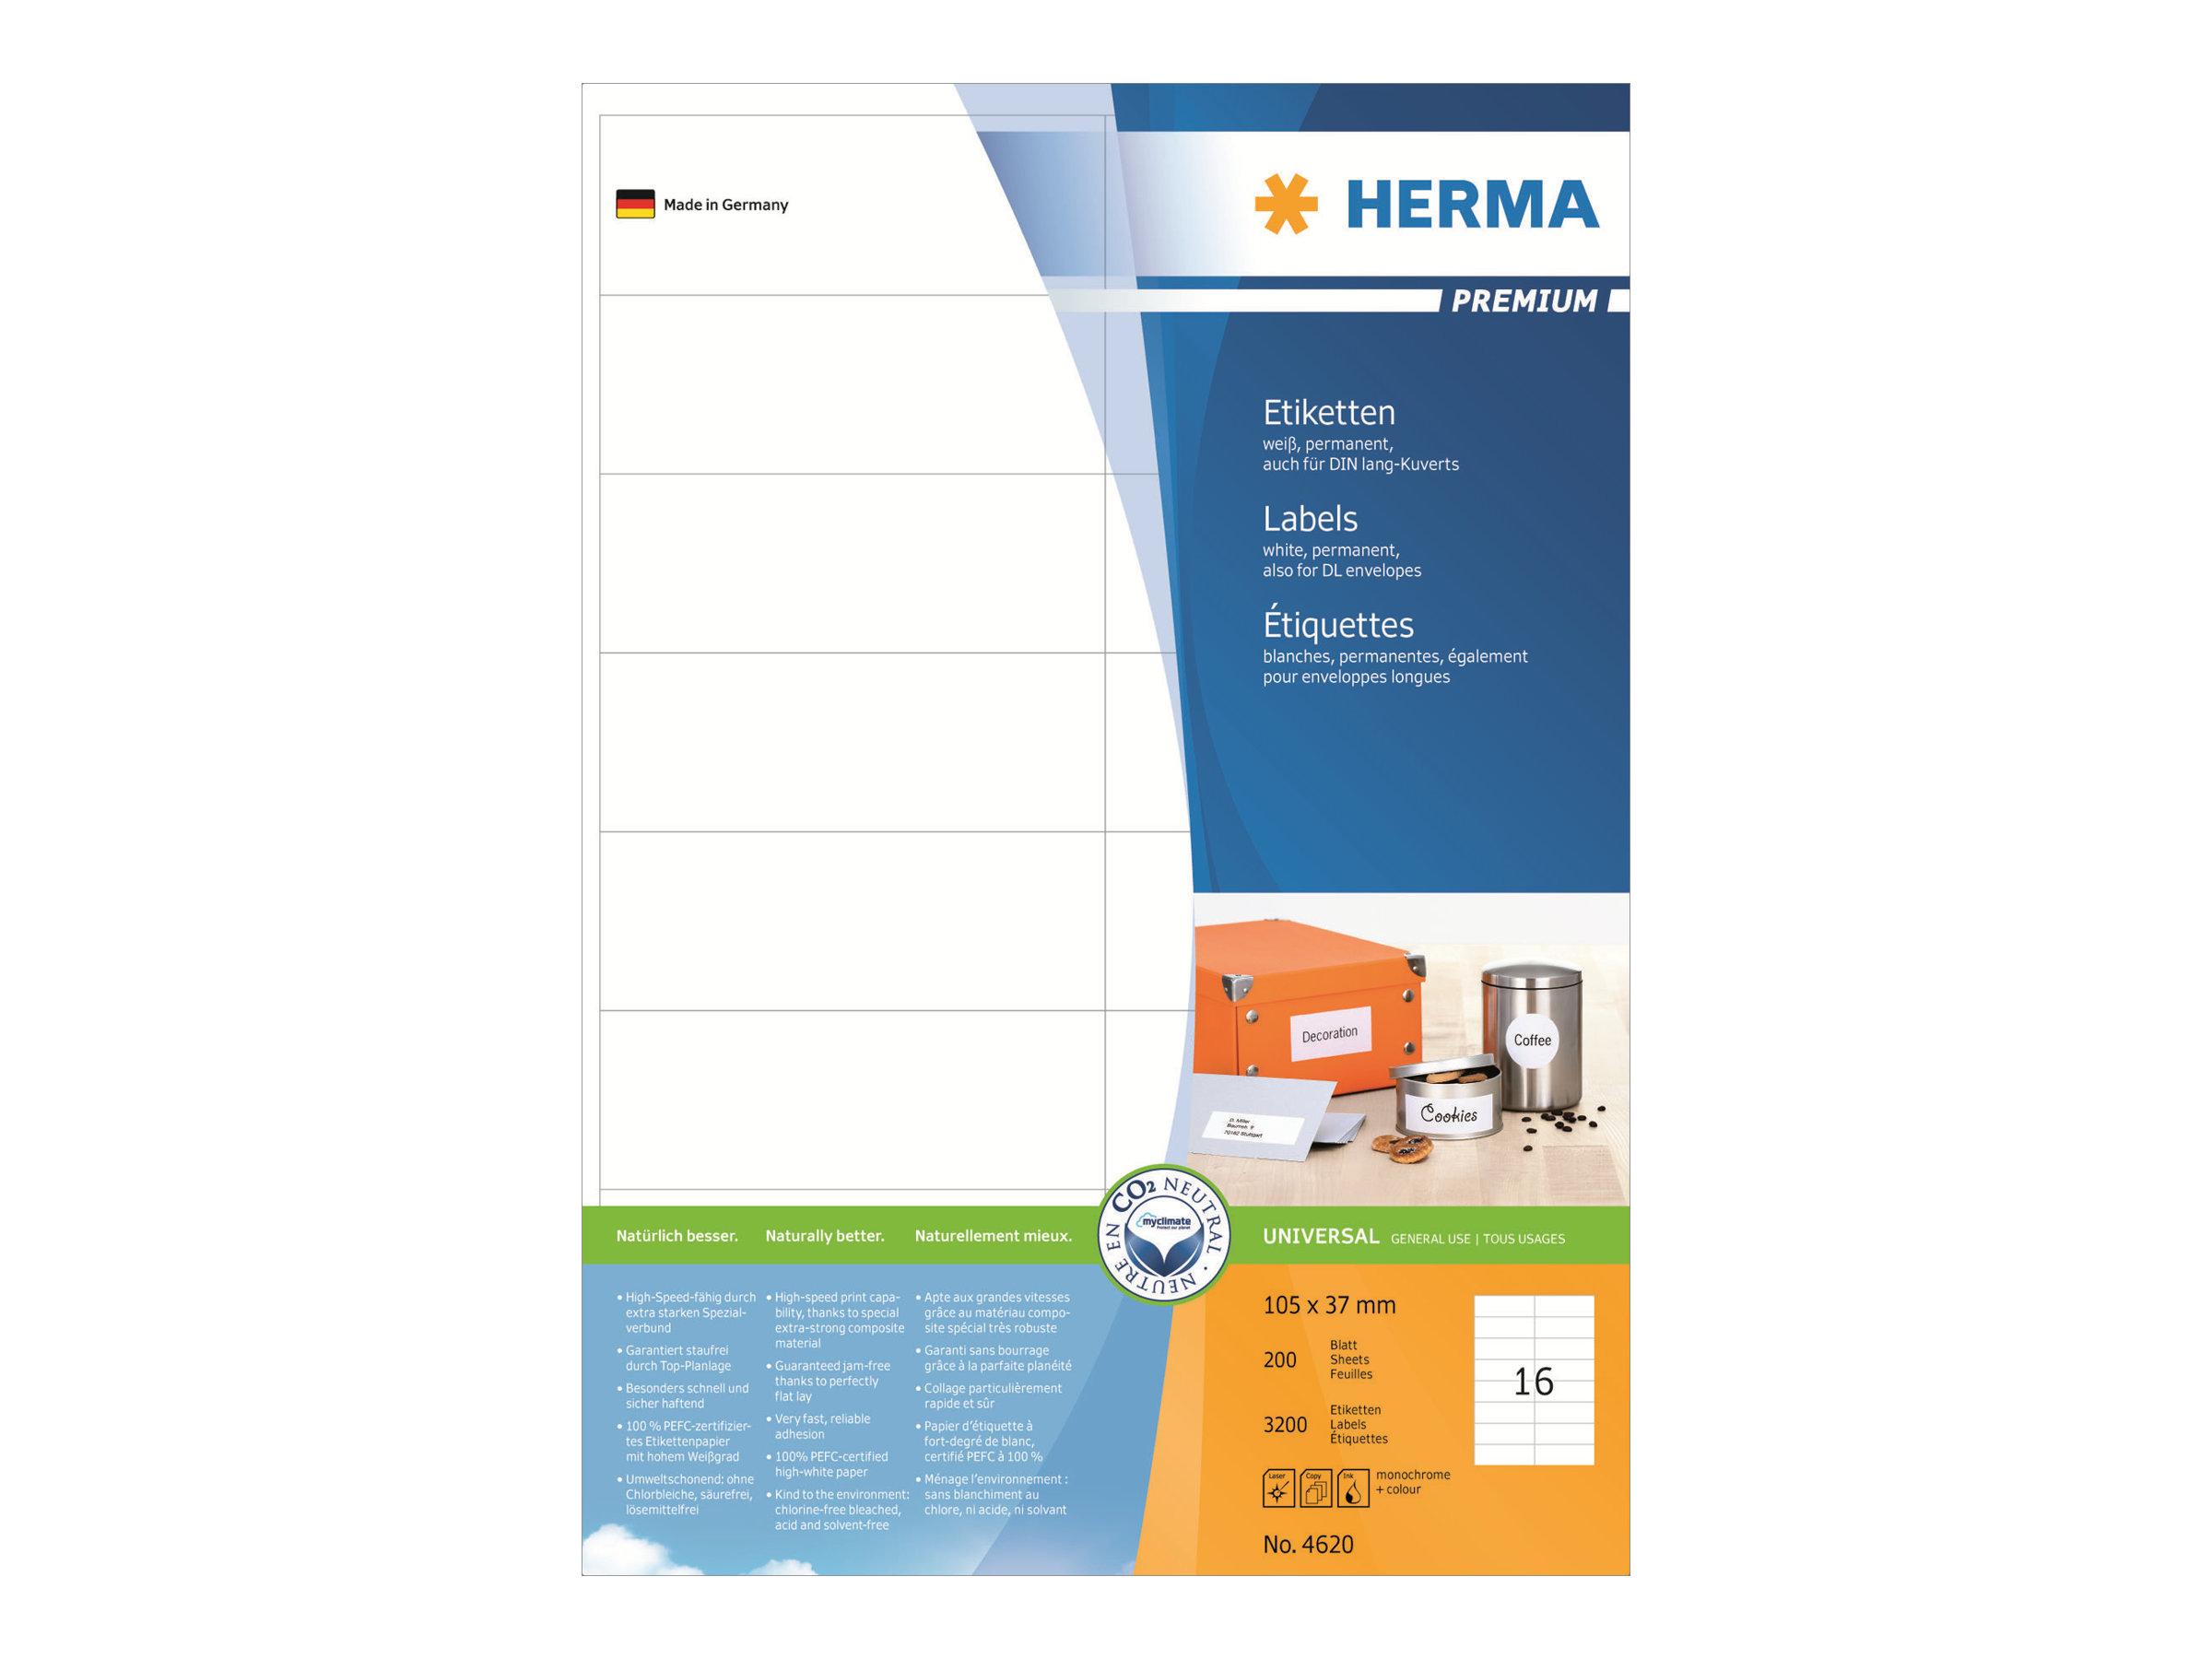 HERMA Premium - Papier - matt - permanent selbstklebend - weiß - 105 x 37 mm 3200 Etikett(en) (200 Bogen x 16)